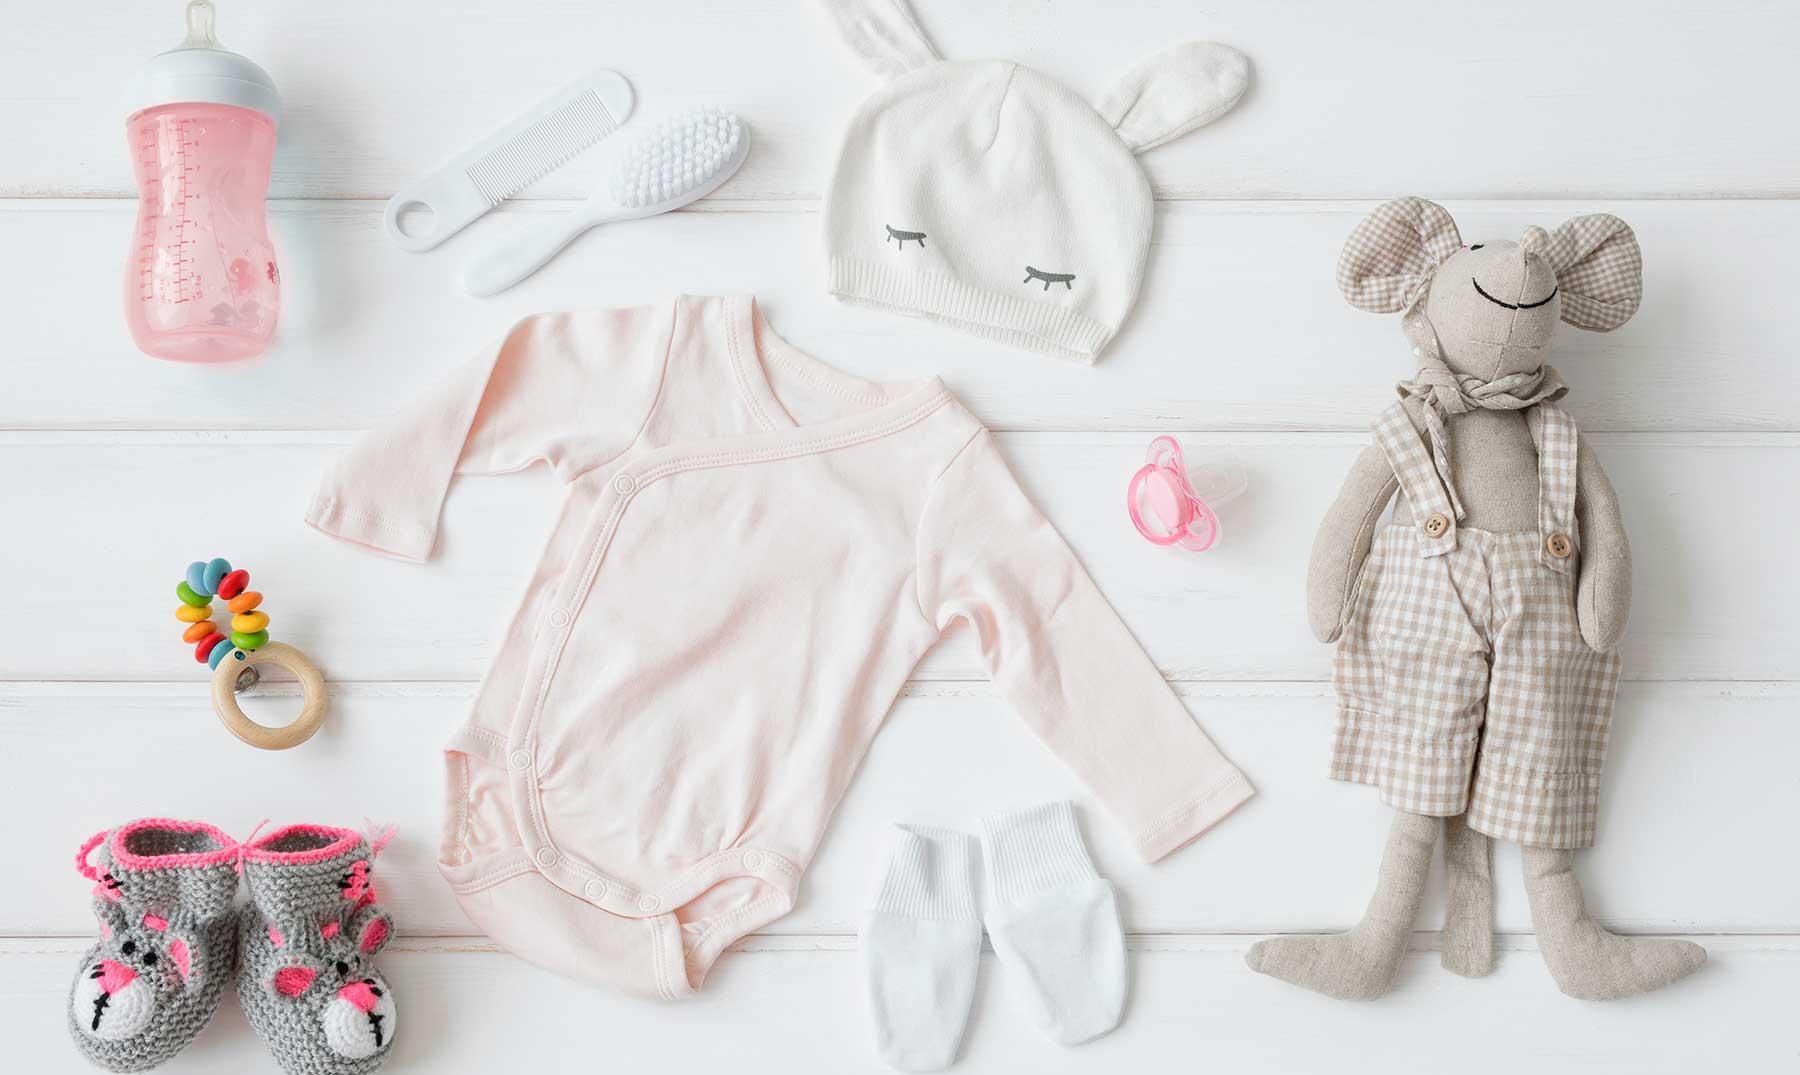 Los 7 artículos que no pueden faltar a tu bebé para su llegada 1